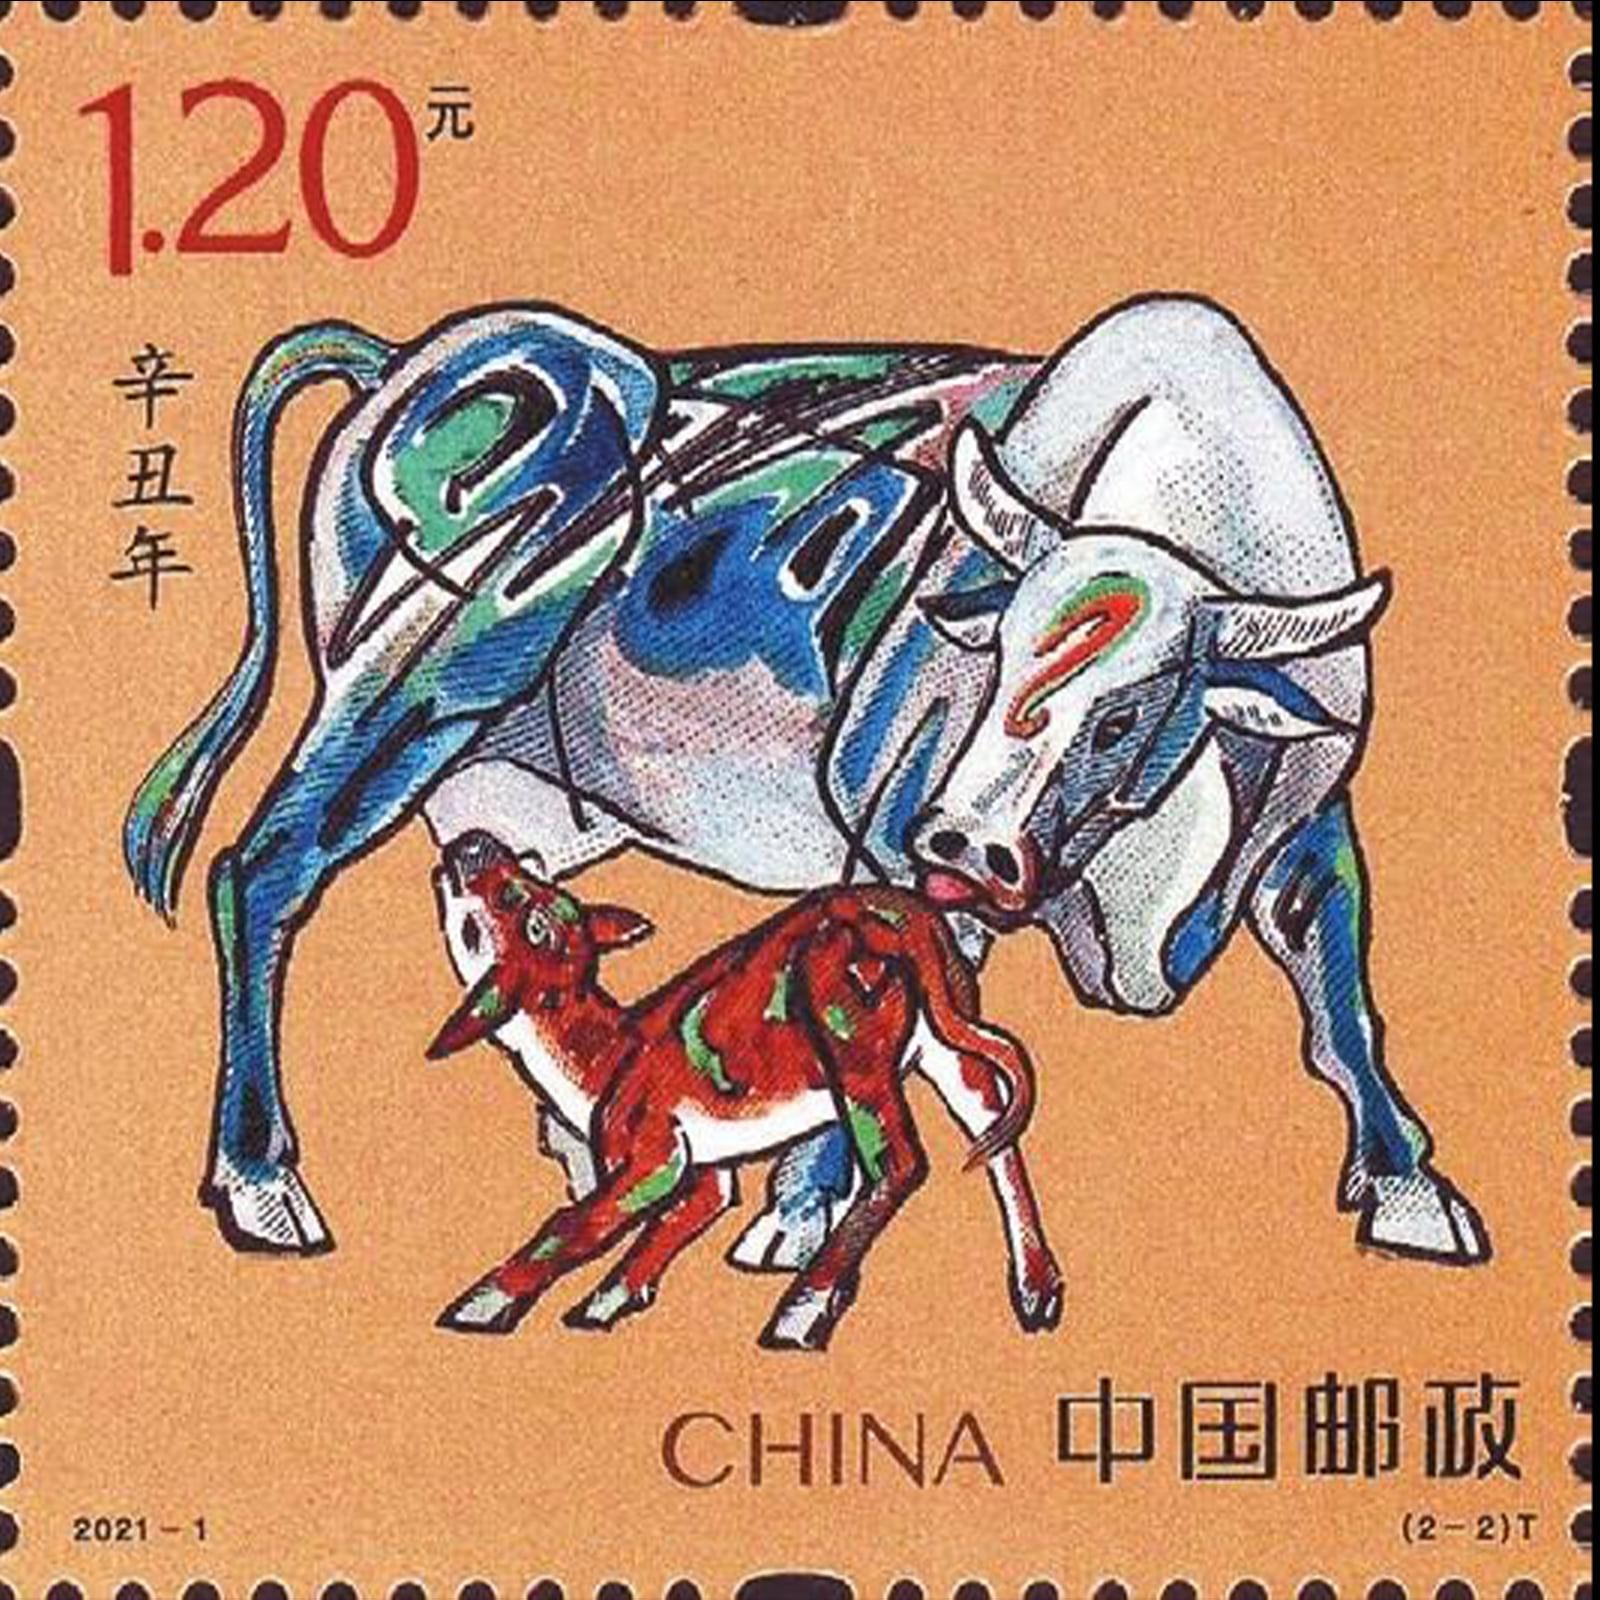 7 selos postais de grandes ilustradores para celebrar o Ano Novo chinês 2021